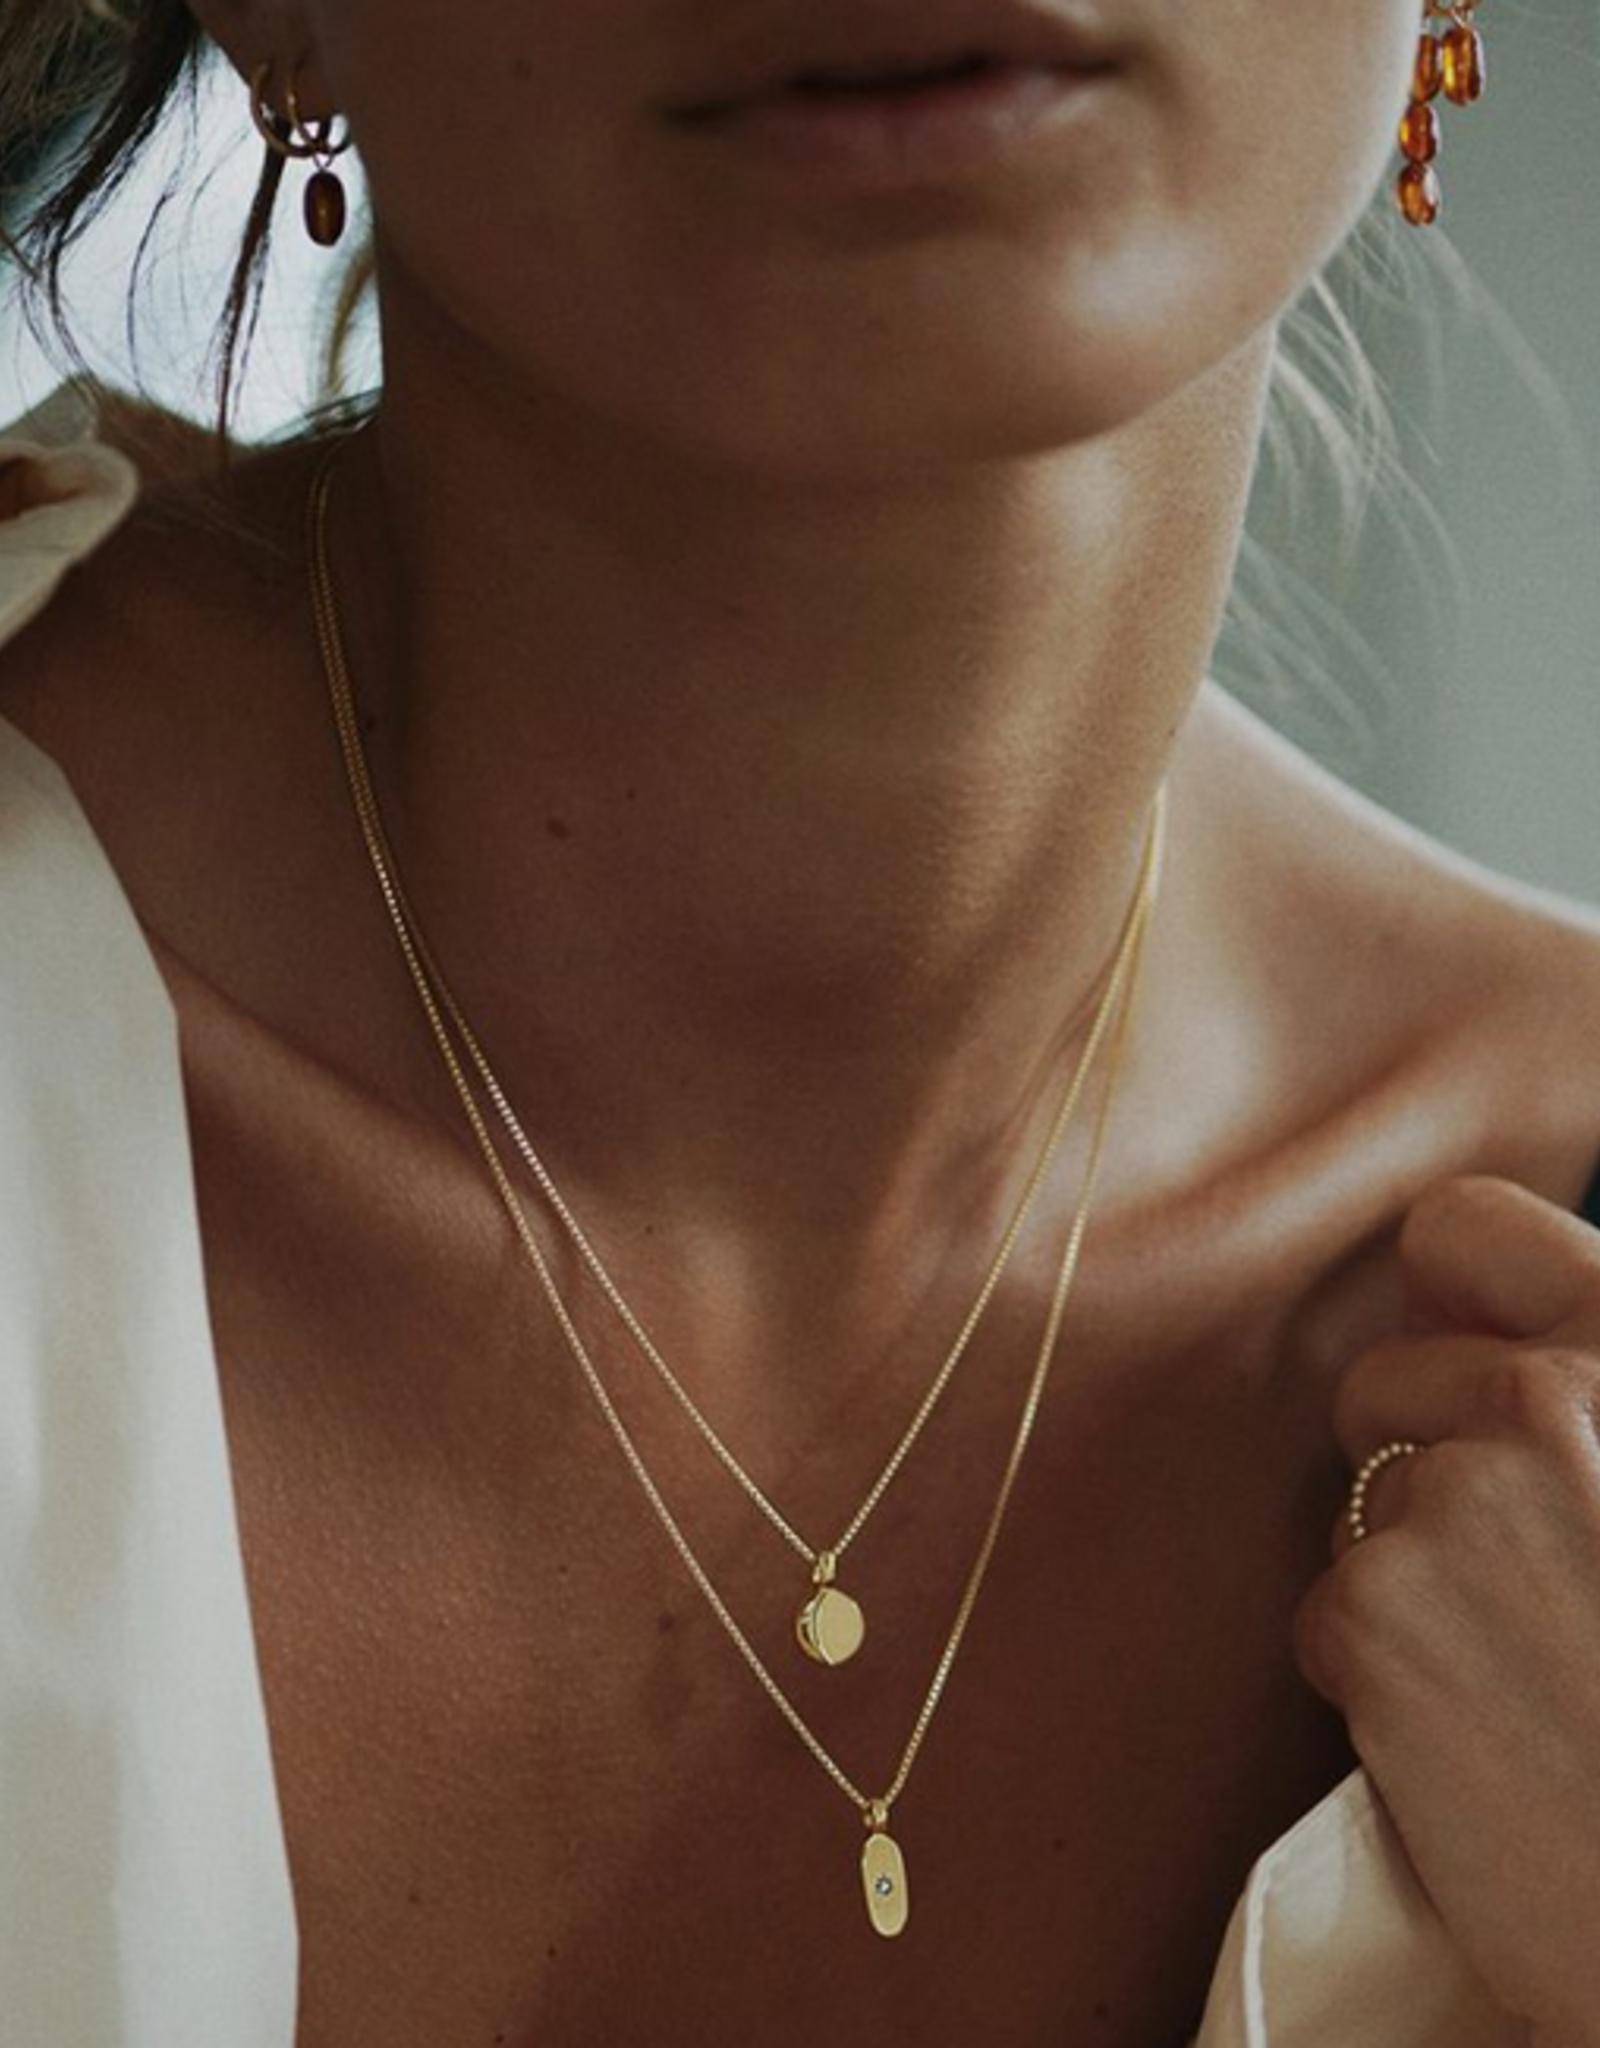 Miab Miab - Ketting goud - Sparkly oval white